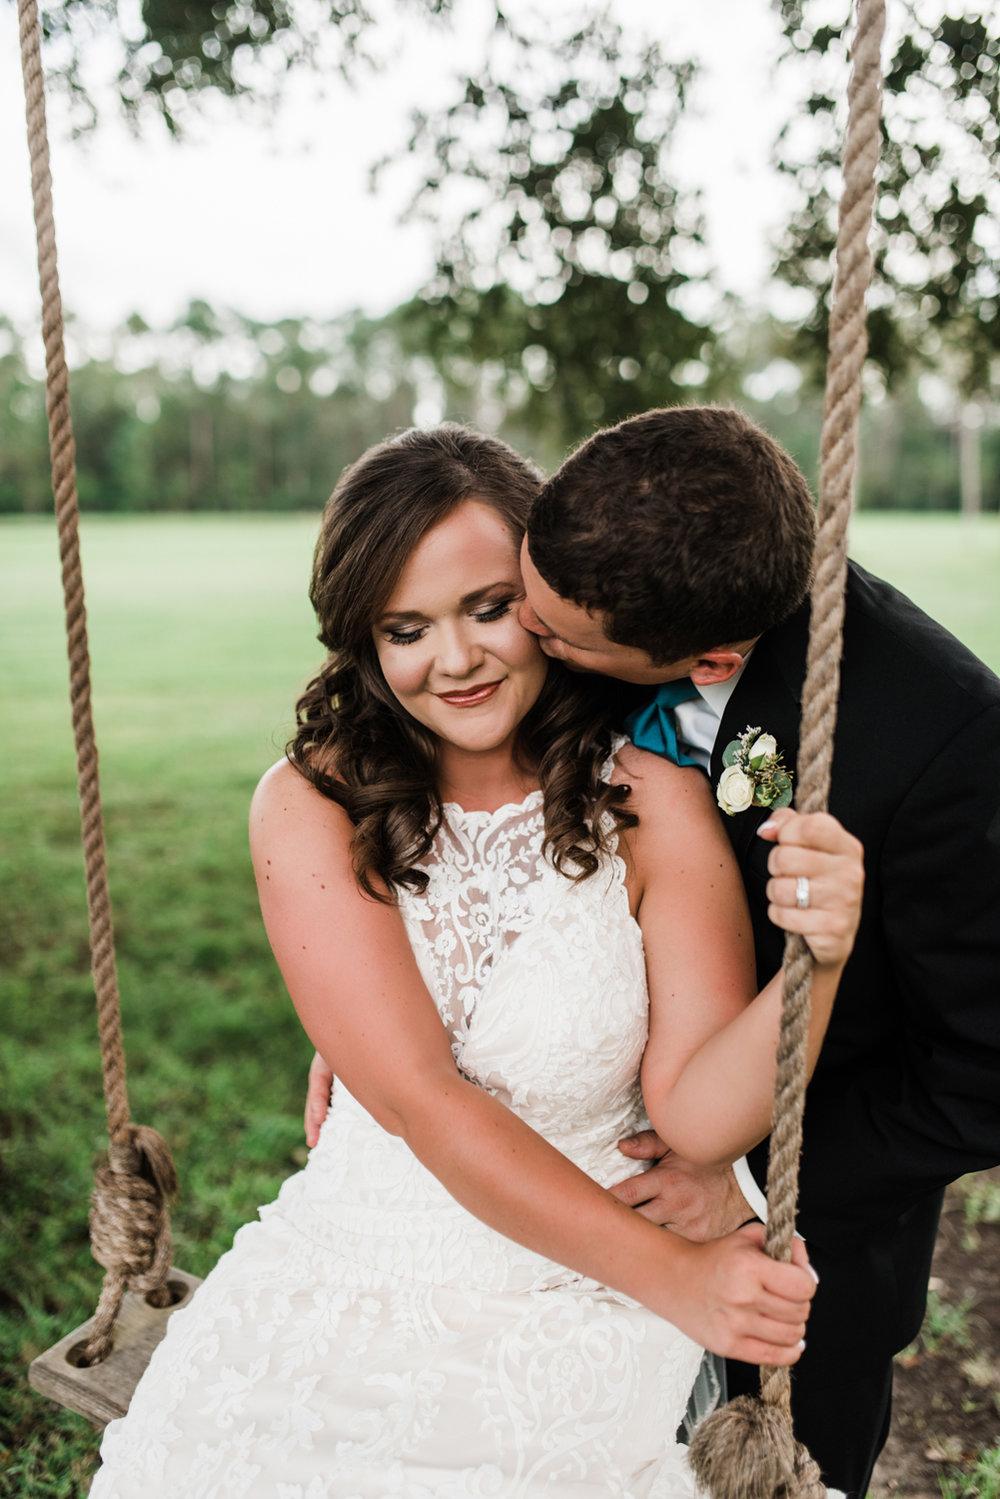 The Barn At Love Farms Wedding - Kiln, Ms